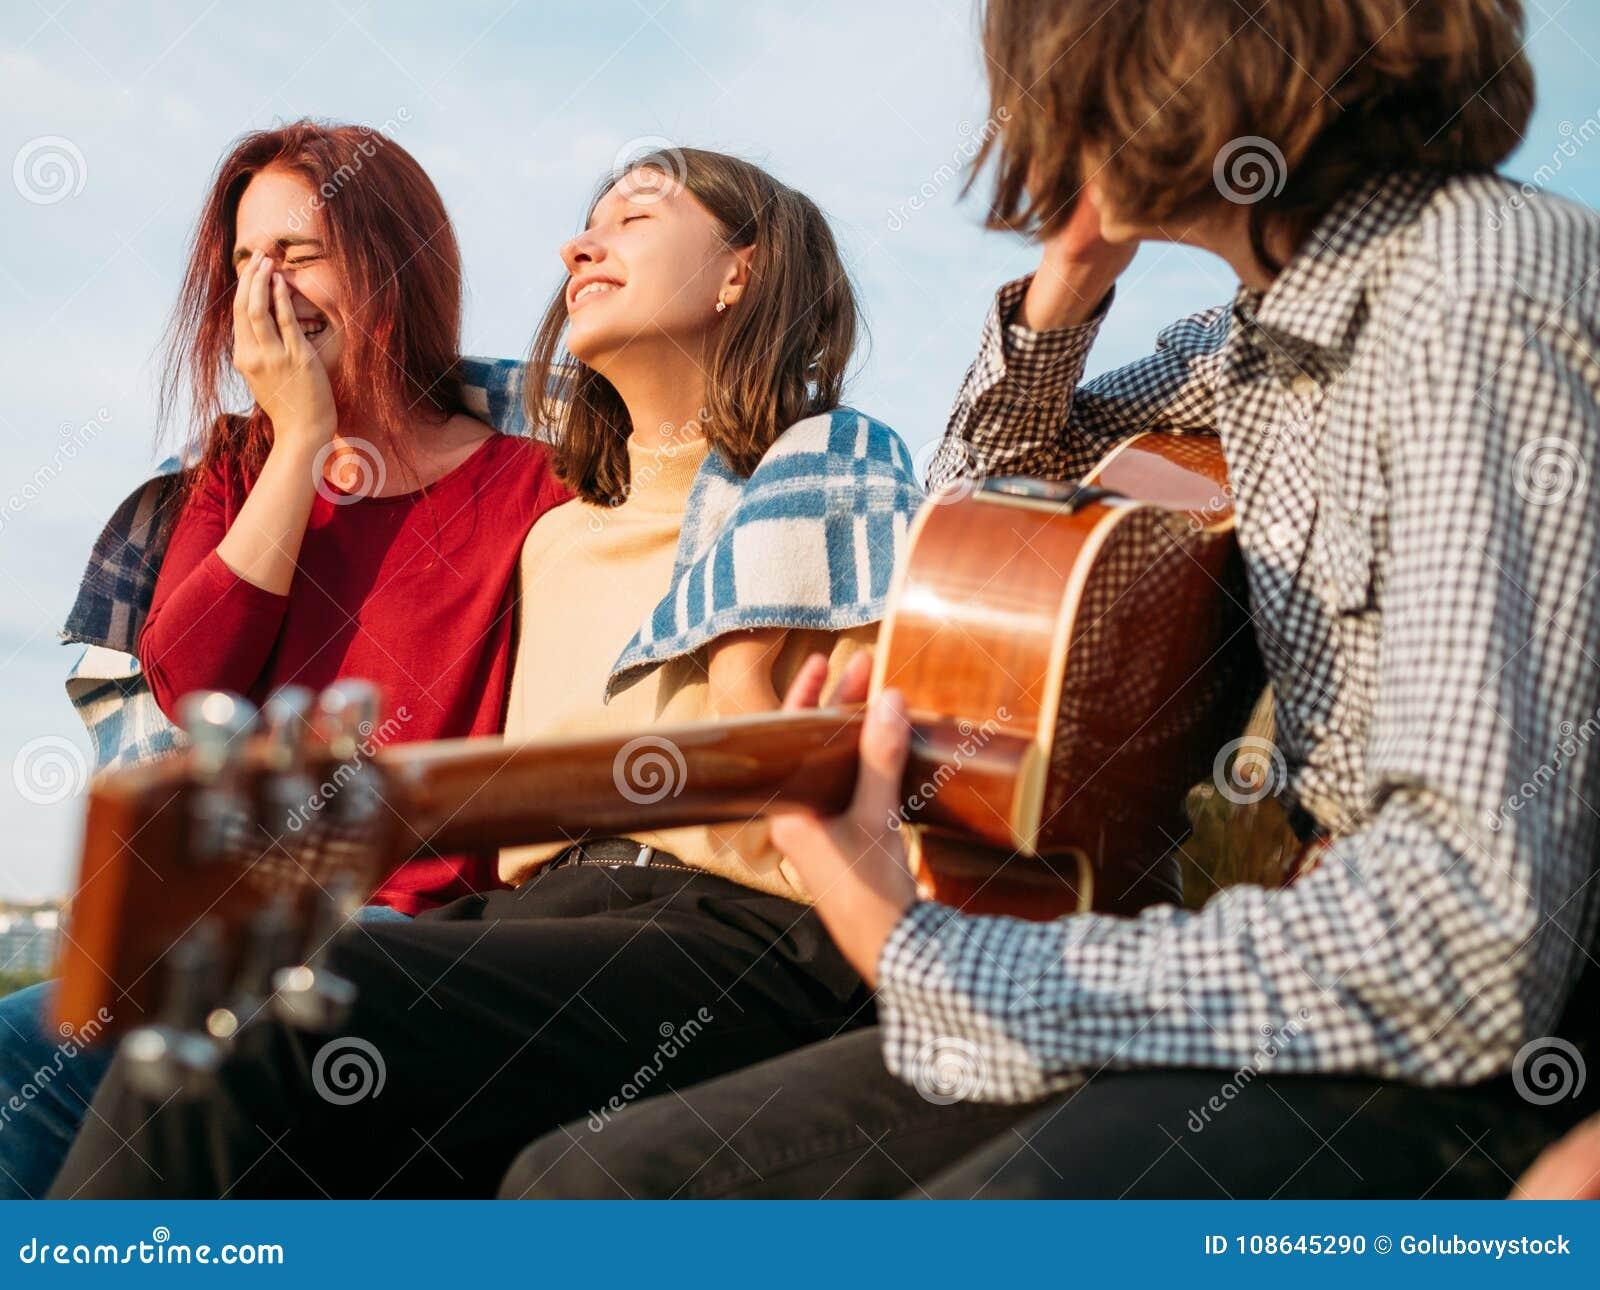 Die sorglose Jugendfreizeit genießen sich entspannen freien Geist